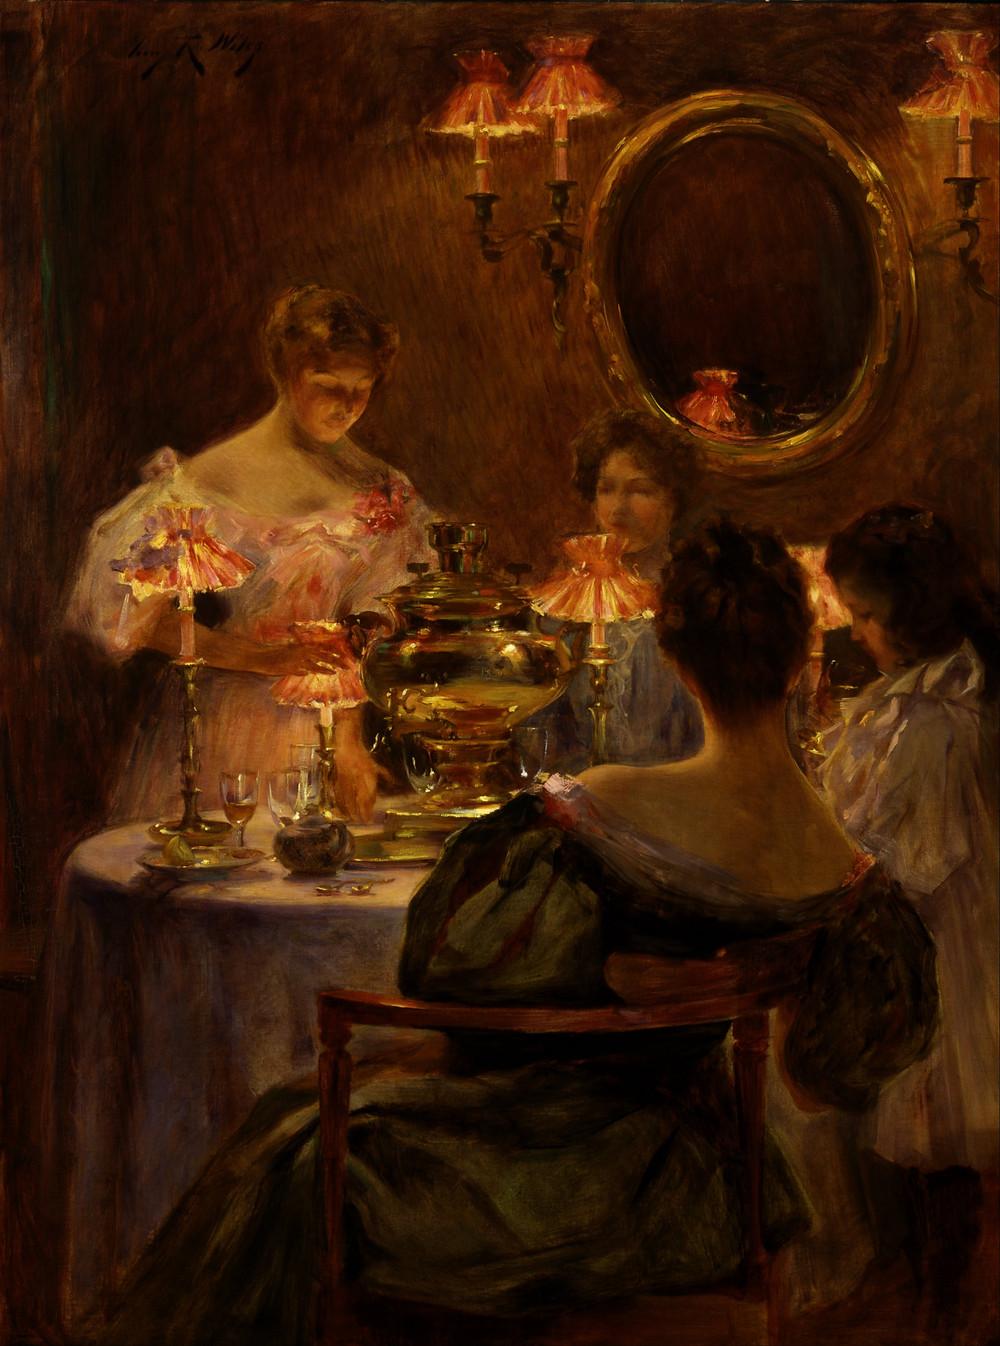 Ирвинг Рáмзи Уайлз. Русское чаепитие. Ок. 1896 г. Холст, масло. Смитсоновский музей американского искусства, Вашингтон.